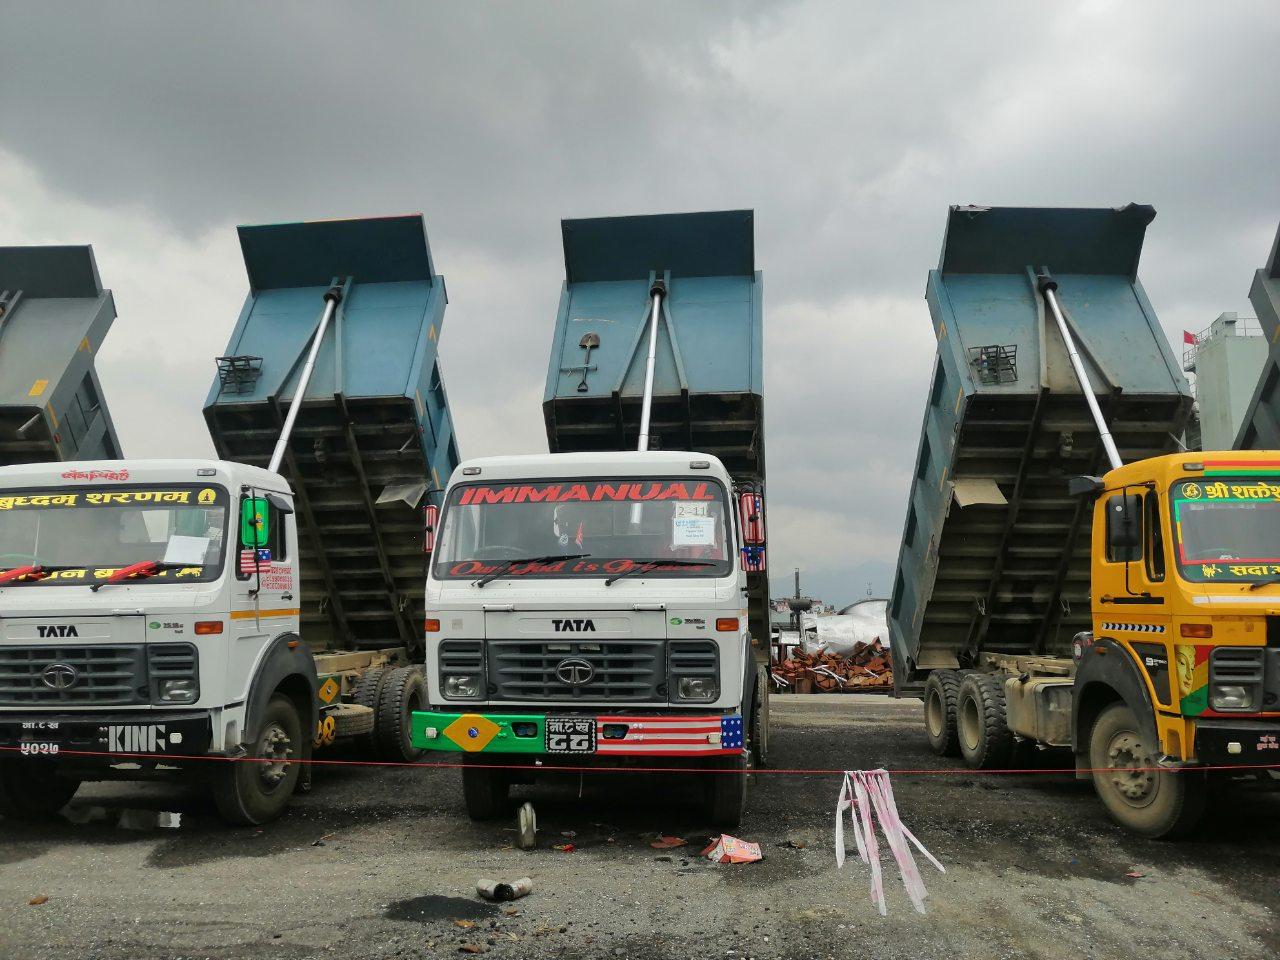 10 wheel 22 ton